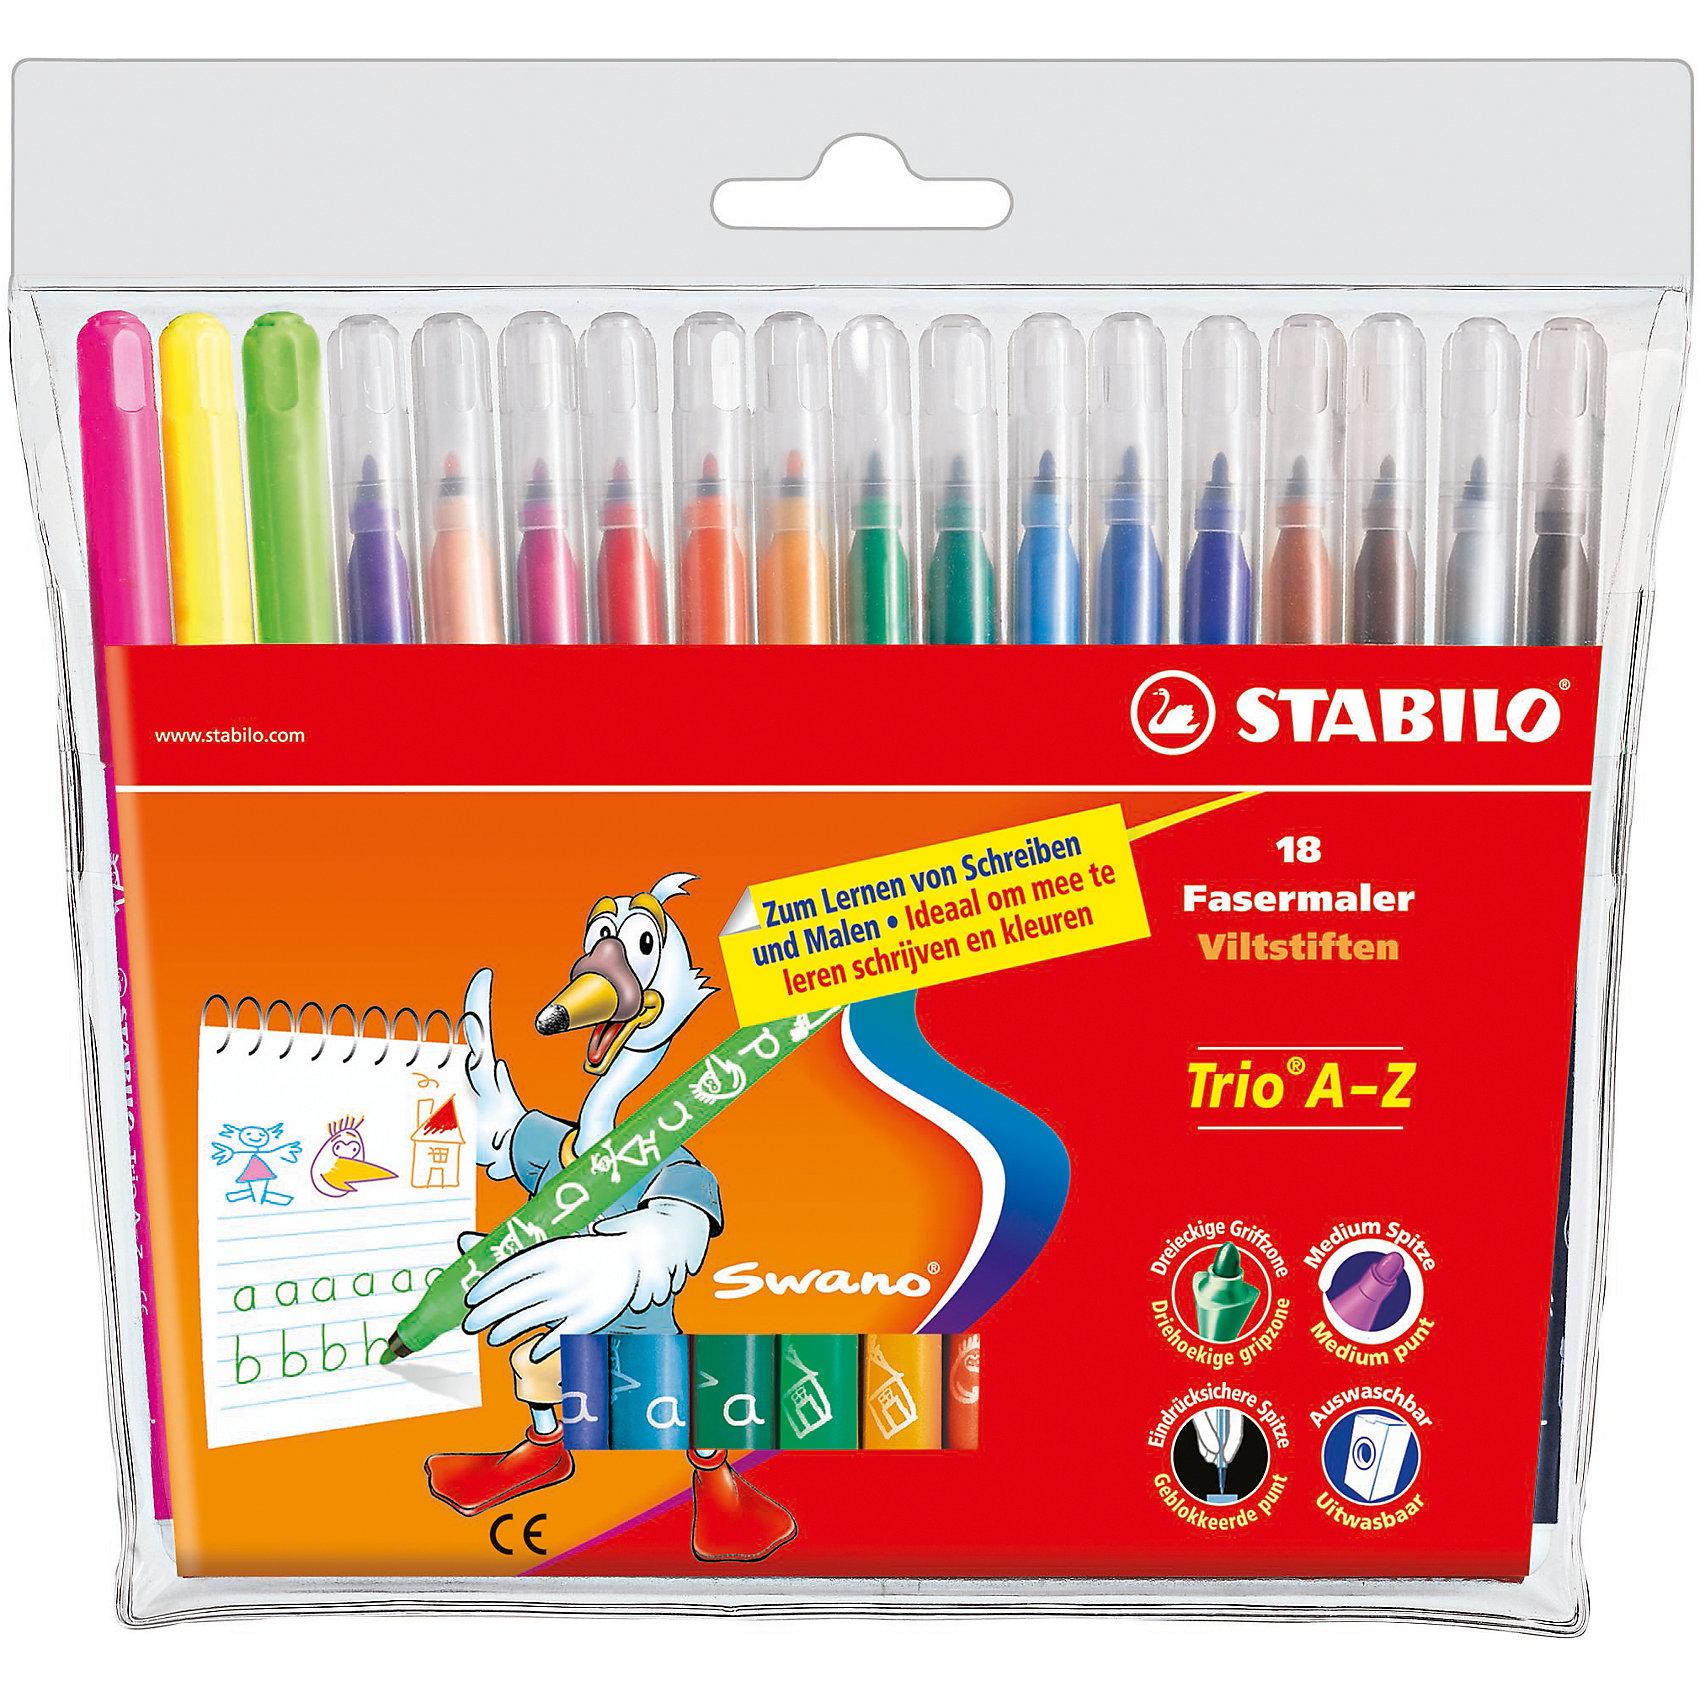 STABILO Trio Набор фломастеров, 18 цвПисьменные принадлежности<br>Набор фломастеров TRIO 18 цв. от марки Stabilo<br><br>Фломастеры сделаны из приятного на ощупь материала, с яркими чернилами высокого качества. Поверхность корпуса препятствует скольжению пальцев и обеспечивает комфорт при рисовании. <br>Рисование помогает детям развивать усидчивость, воображение, образное восприятие мира, а также мелкую моторику рук.  <br>Эти фломастеры сделаны с применением качественных чернил на водной основе. Могут долгое время находиться без колпачка и не высыхать. В наборе - 12 разных ярких цветов. Упаковка удобная. Корпус сделан из пластика.<br><br>Особенности данной модели:<br><br>комплектация: 18 шт.<br><br>Набор фломастеров TRIO 18 цв. от марки Stabilo можно купить в нашем магазине.<br><br>Ширина мм: 200<br>Глубина мм: 164<br>Высота мм: 12<br>Вес г: 146<br>Возраст от месяцев: 72<br>Возраст до месяцев: 192<br>Пол: Унисекс<br>Возраст: Детский<br>SKU: 2128561